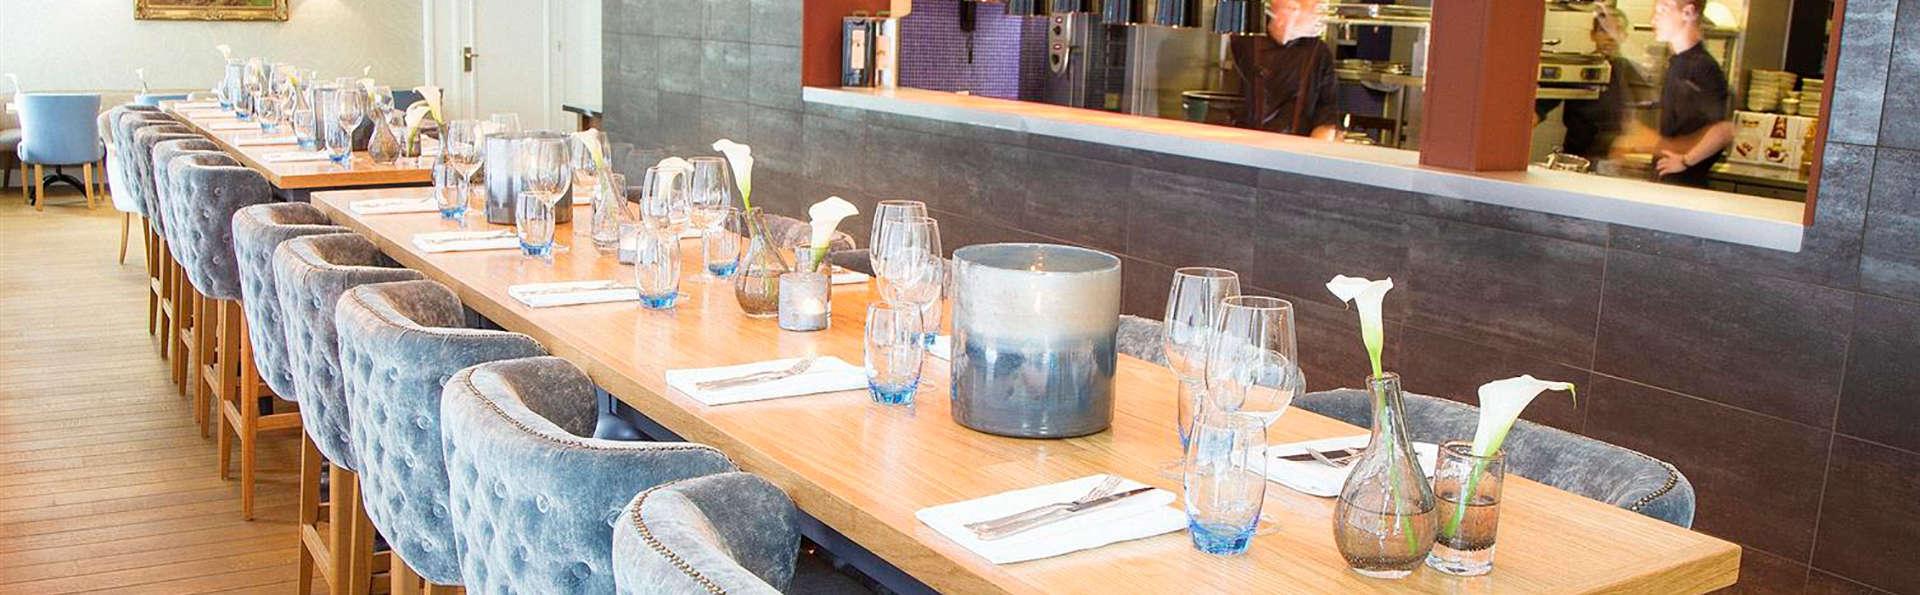 Luxe, design et plaisir culinaire au cœur de Rotterdam (4 nuits)